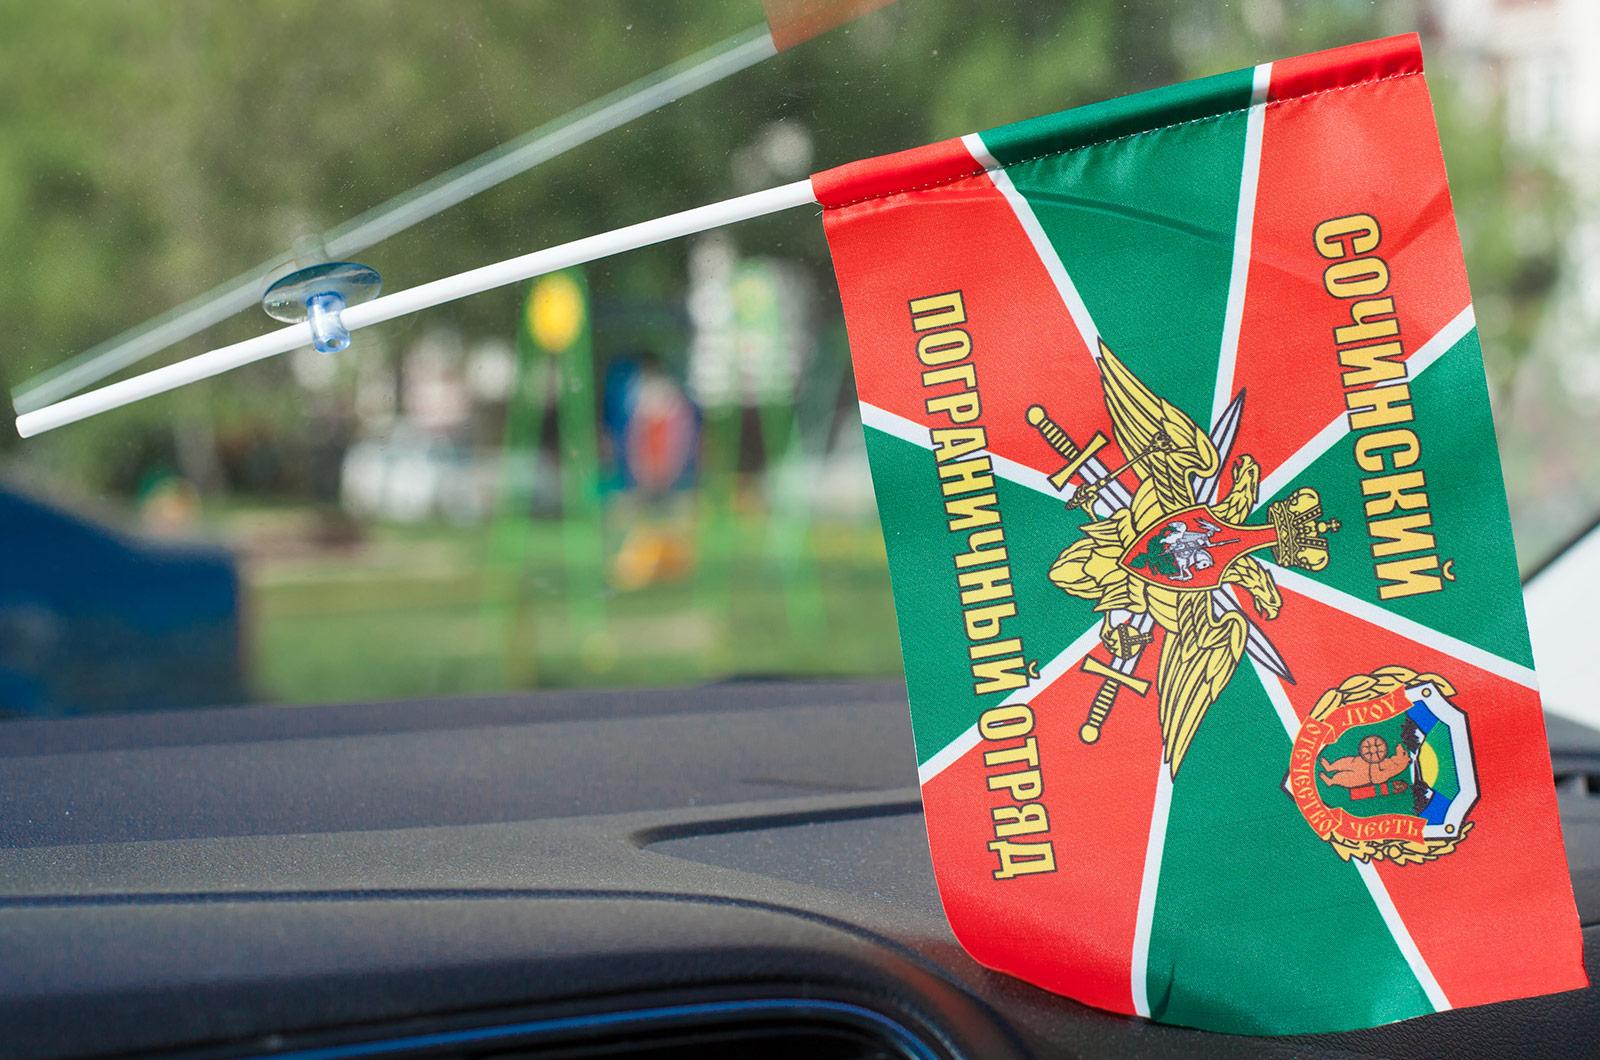 Флажок в машину «Сочинский пограничный отряд»